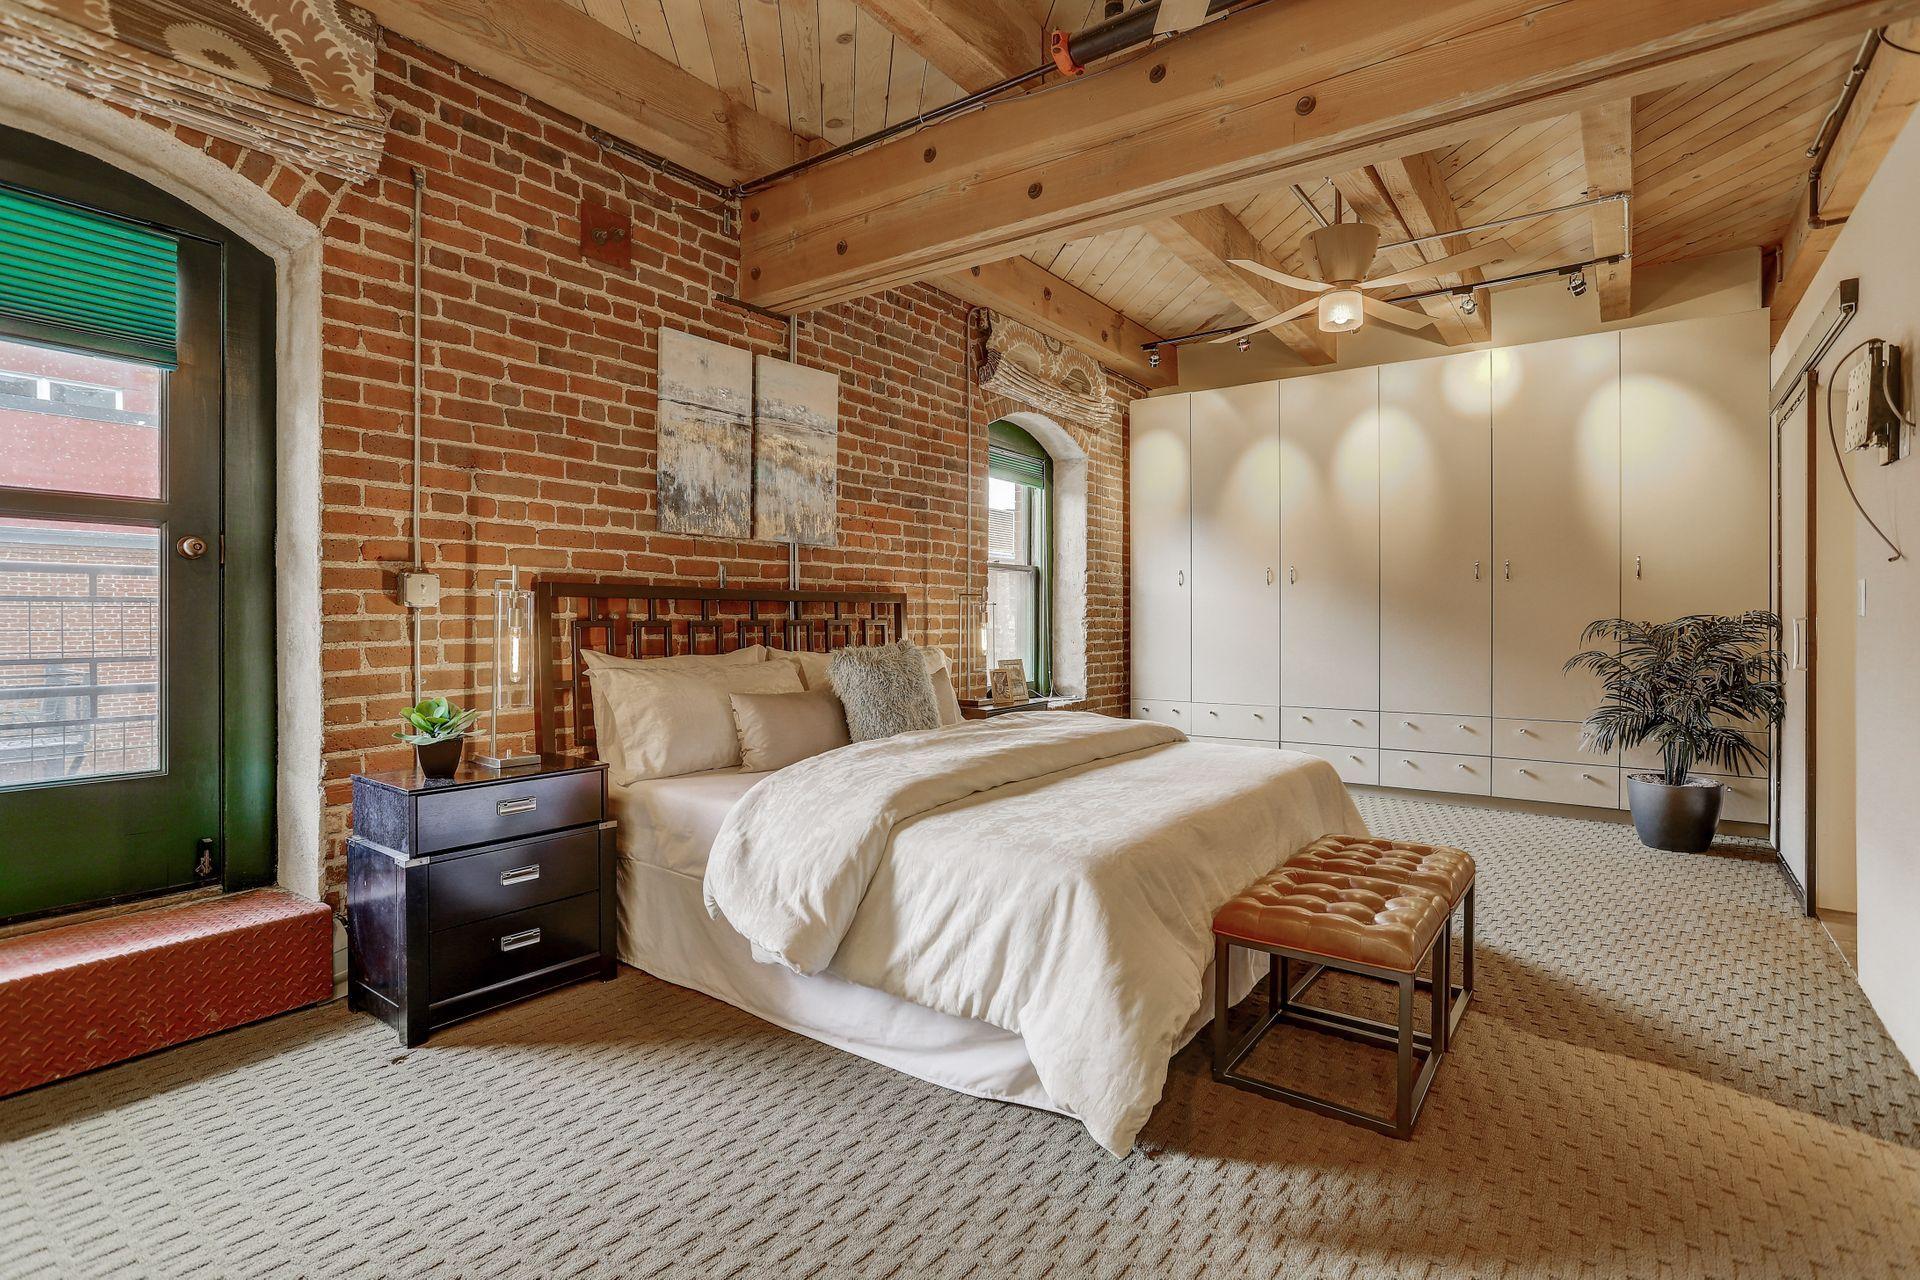 1792 Wynkoop Street, #502 bedroom